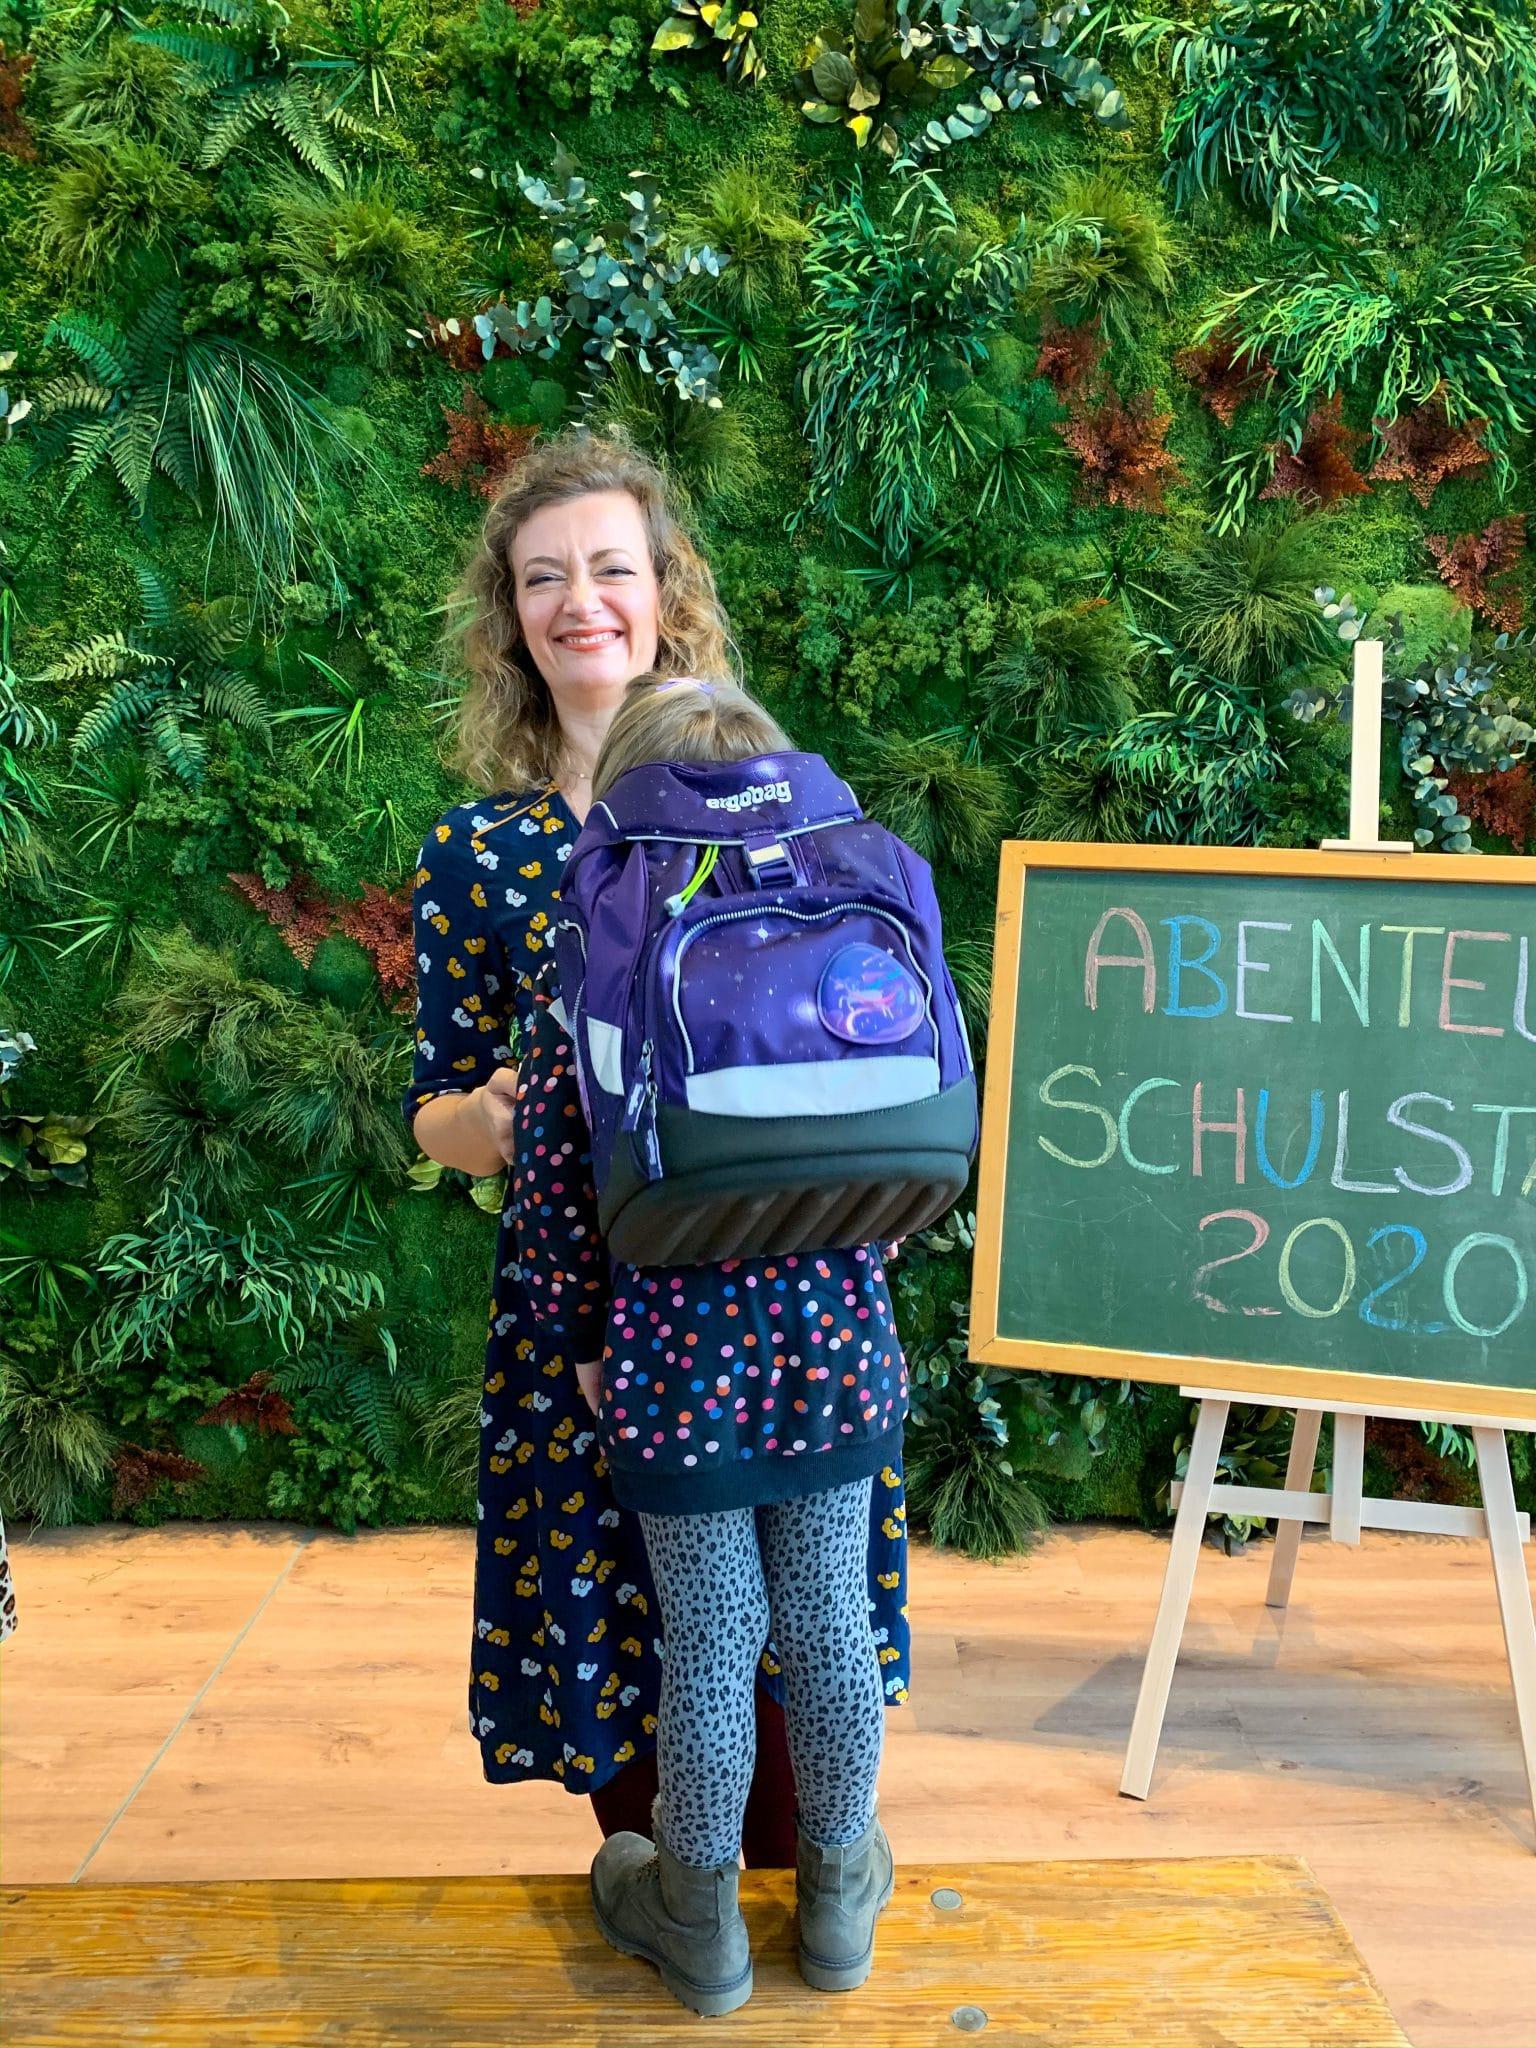 Einschulung, fertig, los: Mit dem Ergobag Pack in die Schule